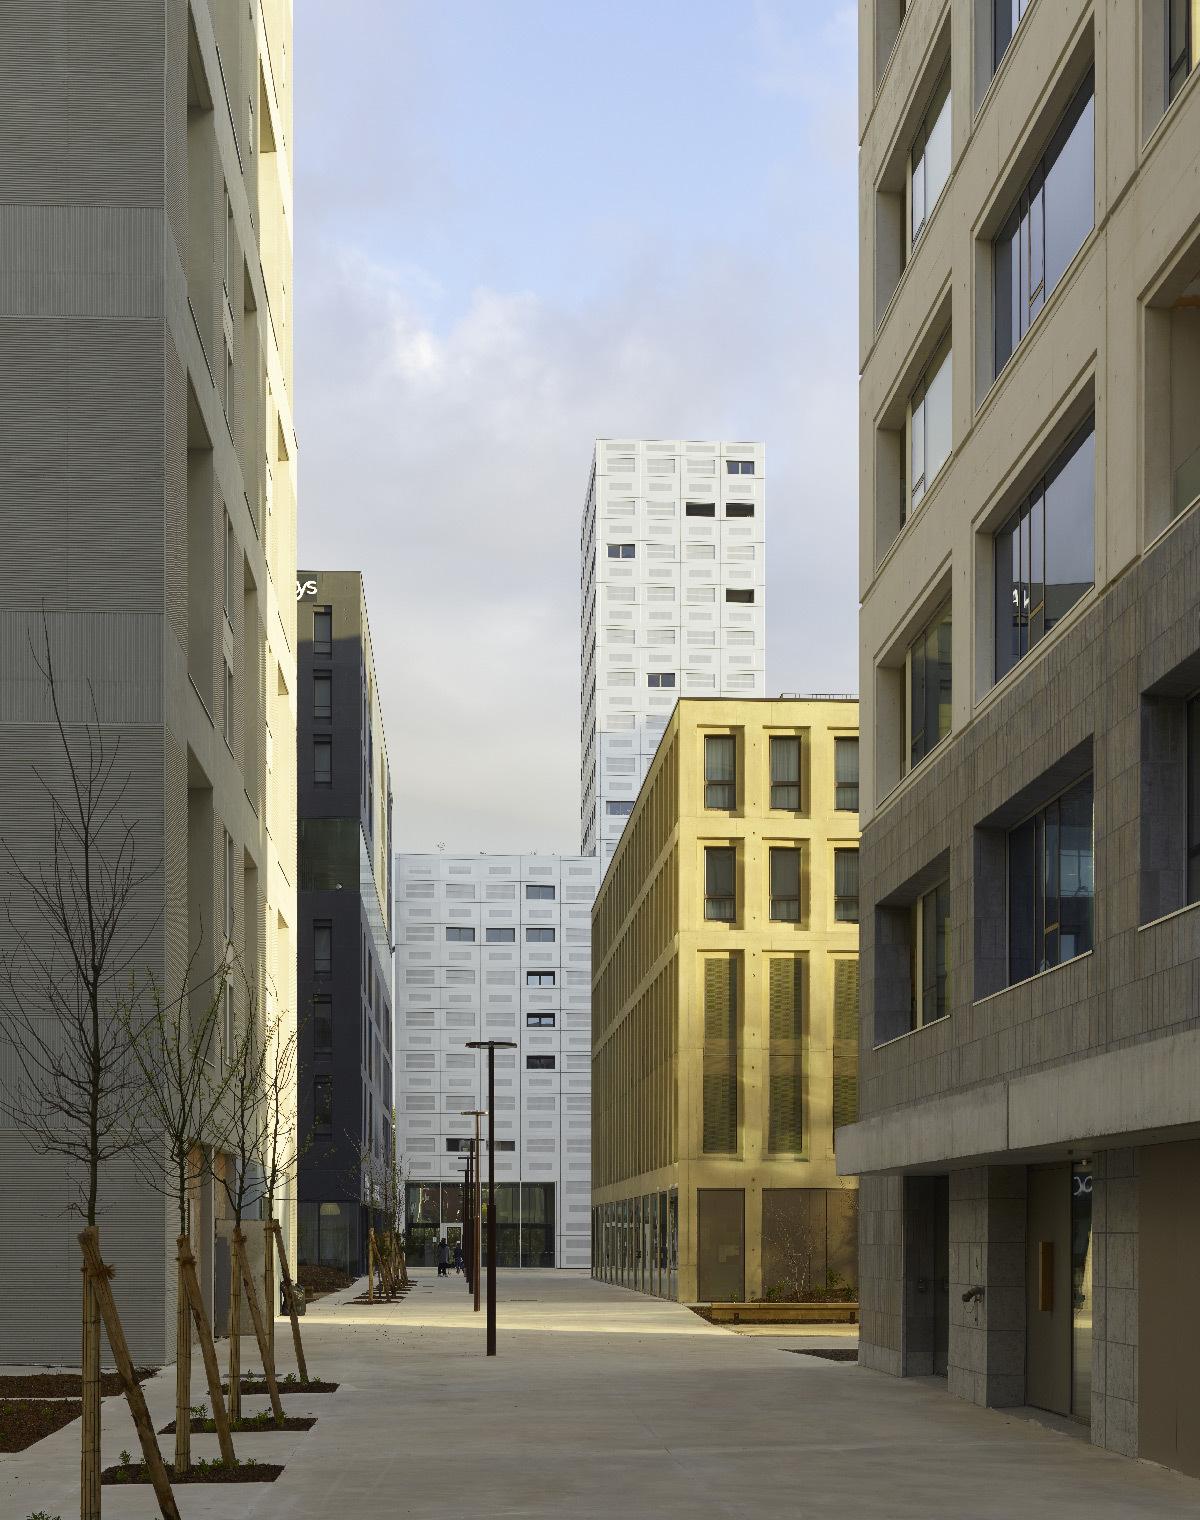 Polaris, Île de Nantes, France - nouveau quartier urbain - espaces publics - LAN Architecture - Kaufman & Broad © Fabrice Fouillet